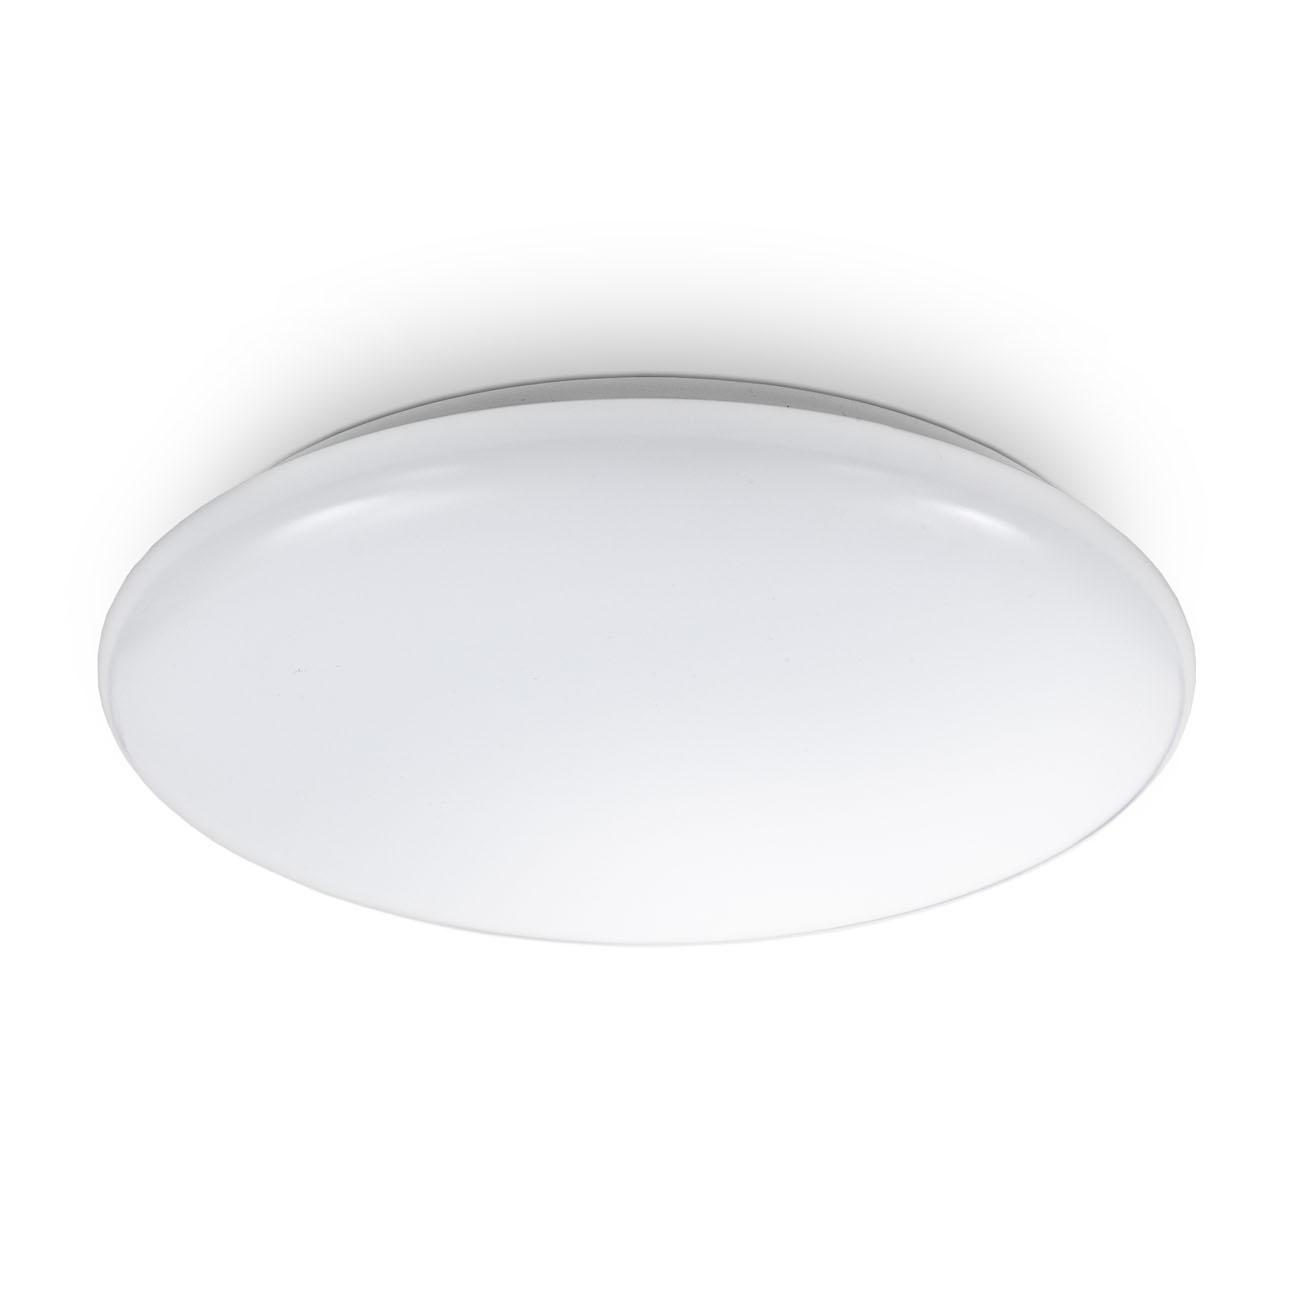 LED Deckenleuchte in weiß rund